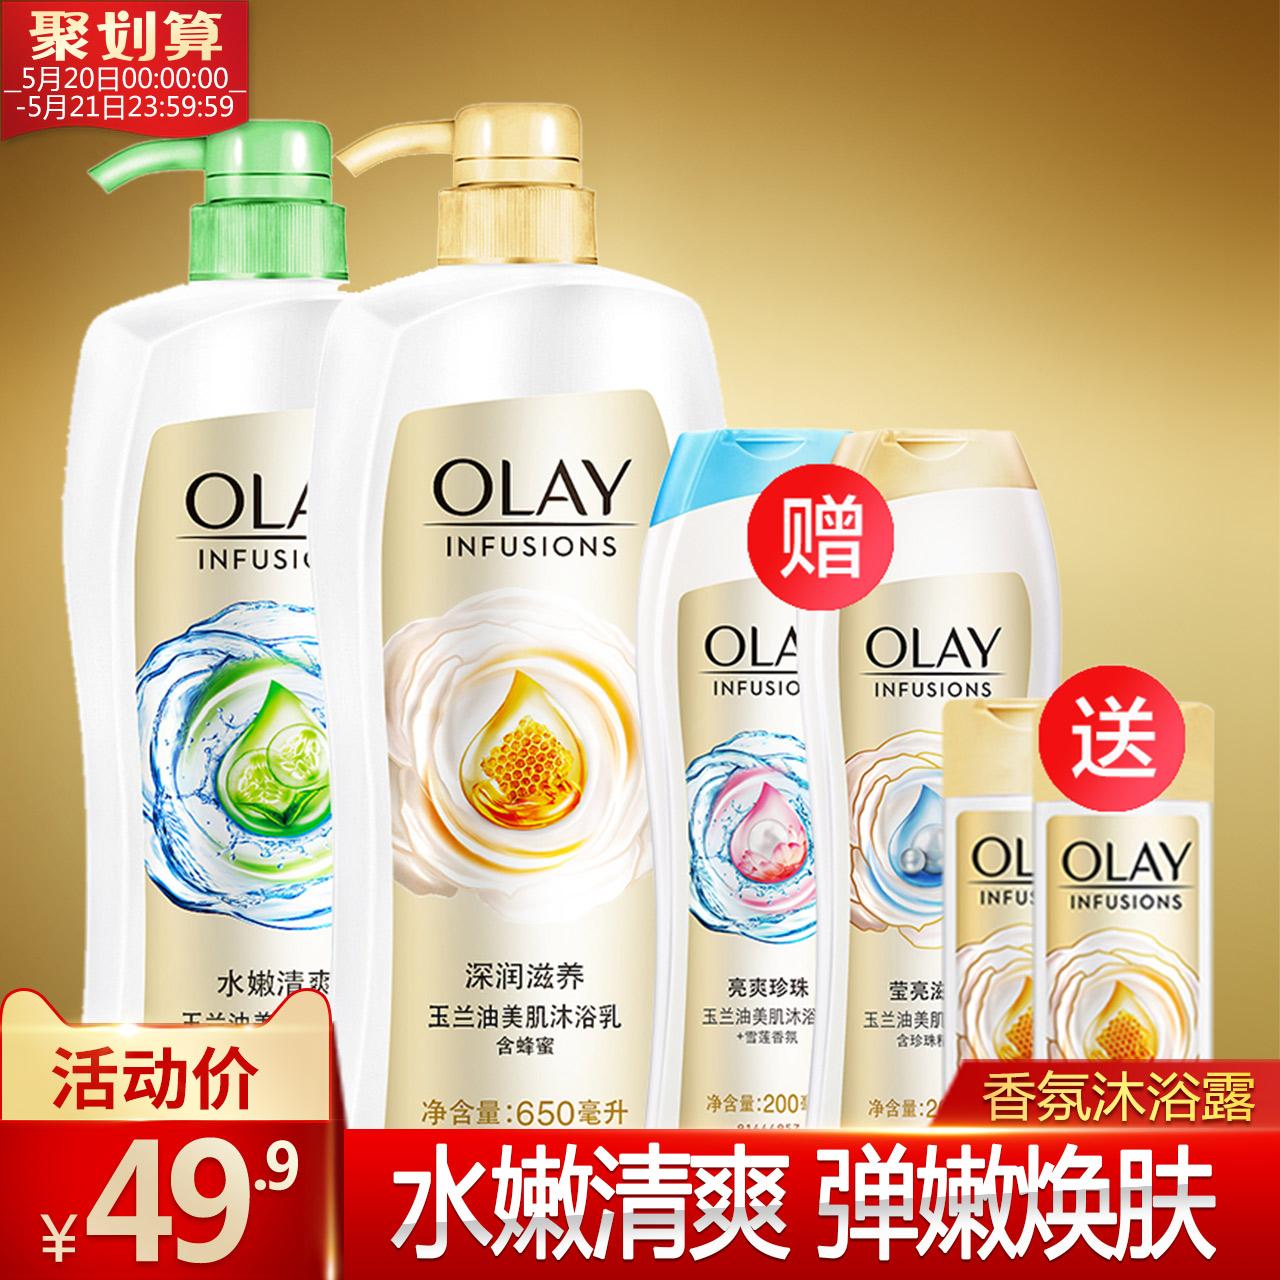 Olay/ магнолия масло прекрасный мышца гель для душа продолжительный оставаться ладан подходит для мужчин и женщин семейный люкс наряд эмульсия 1900ml